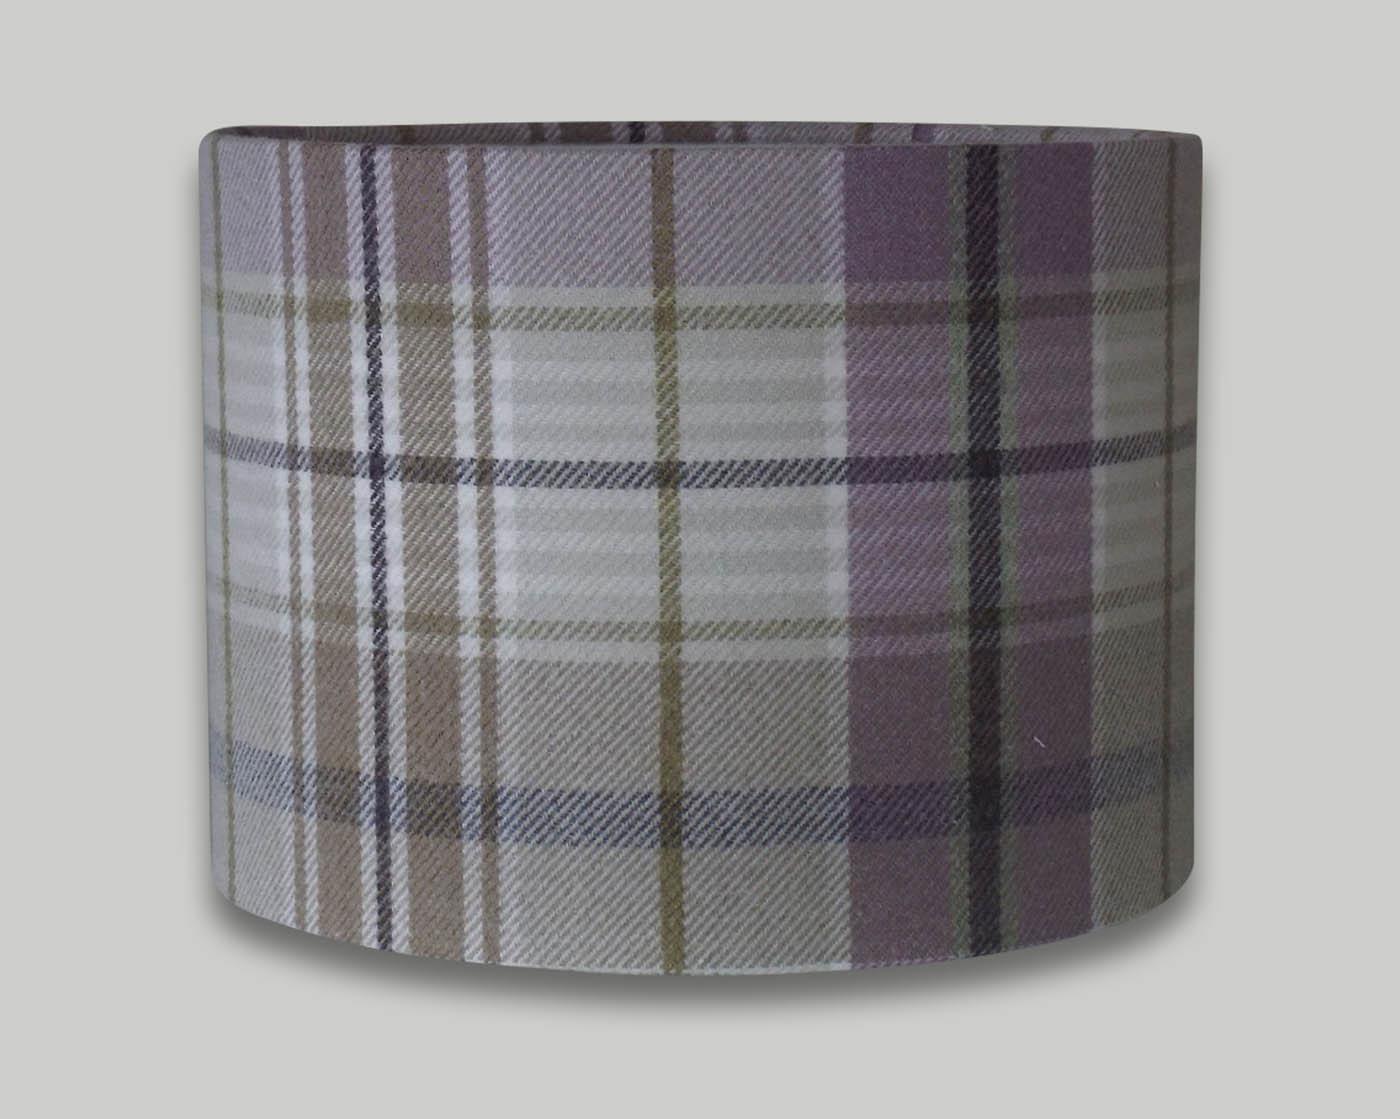 Troon Lavender Purple Tartan Check Tweed Drum Lampshade